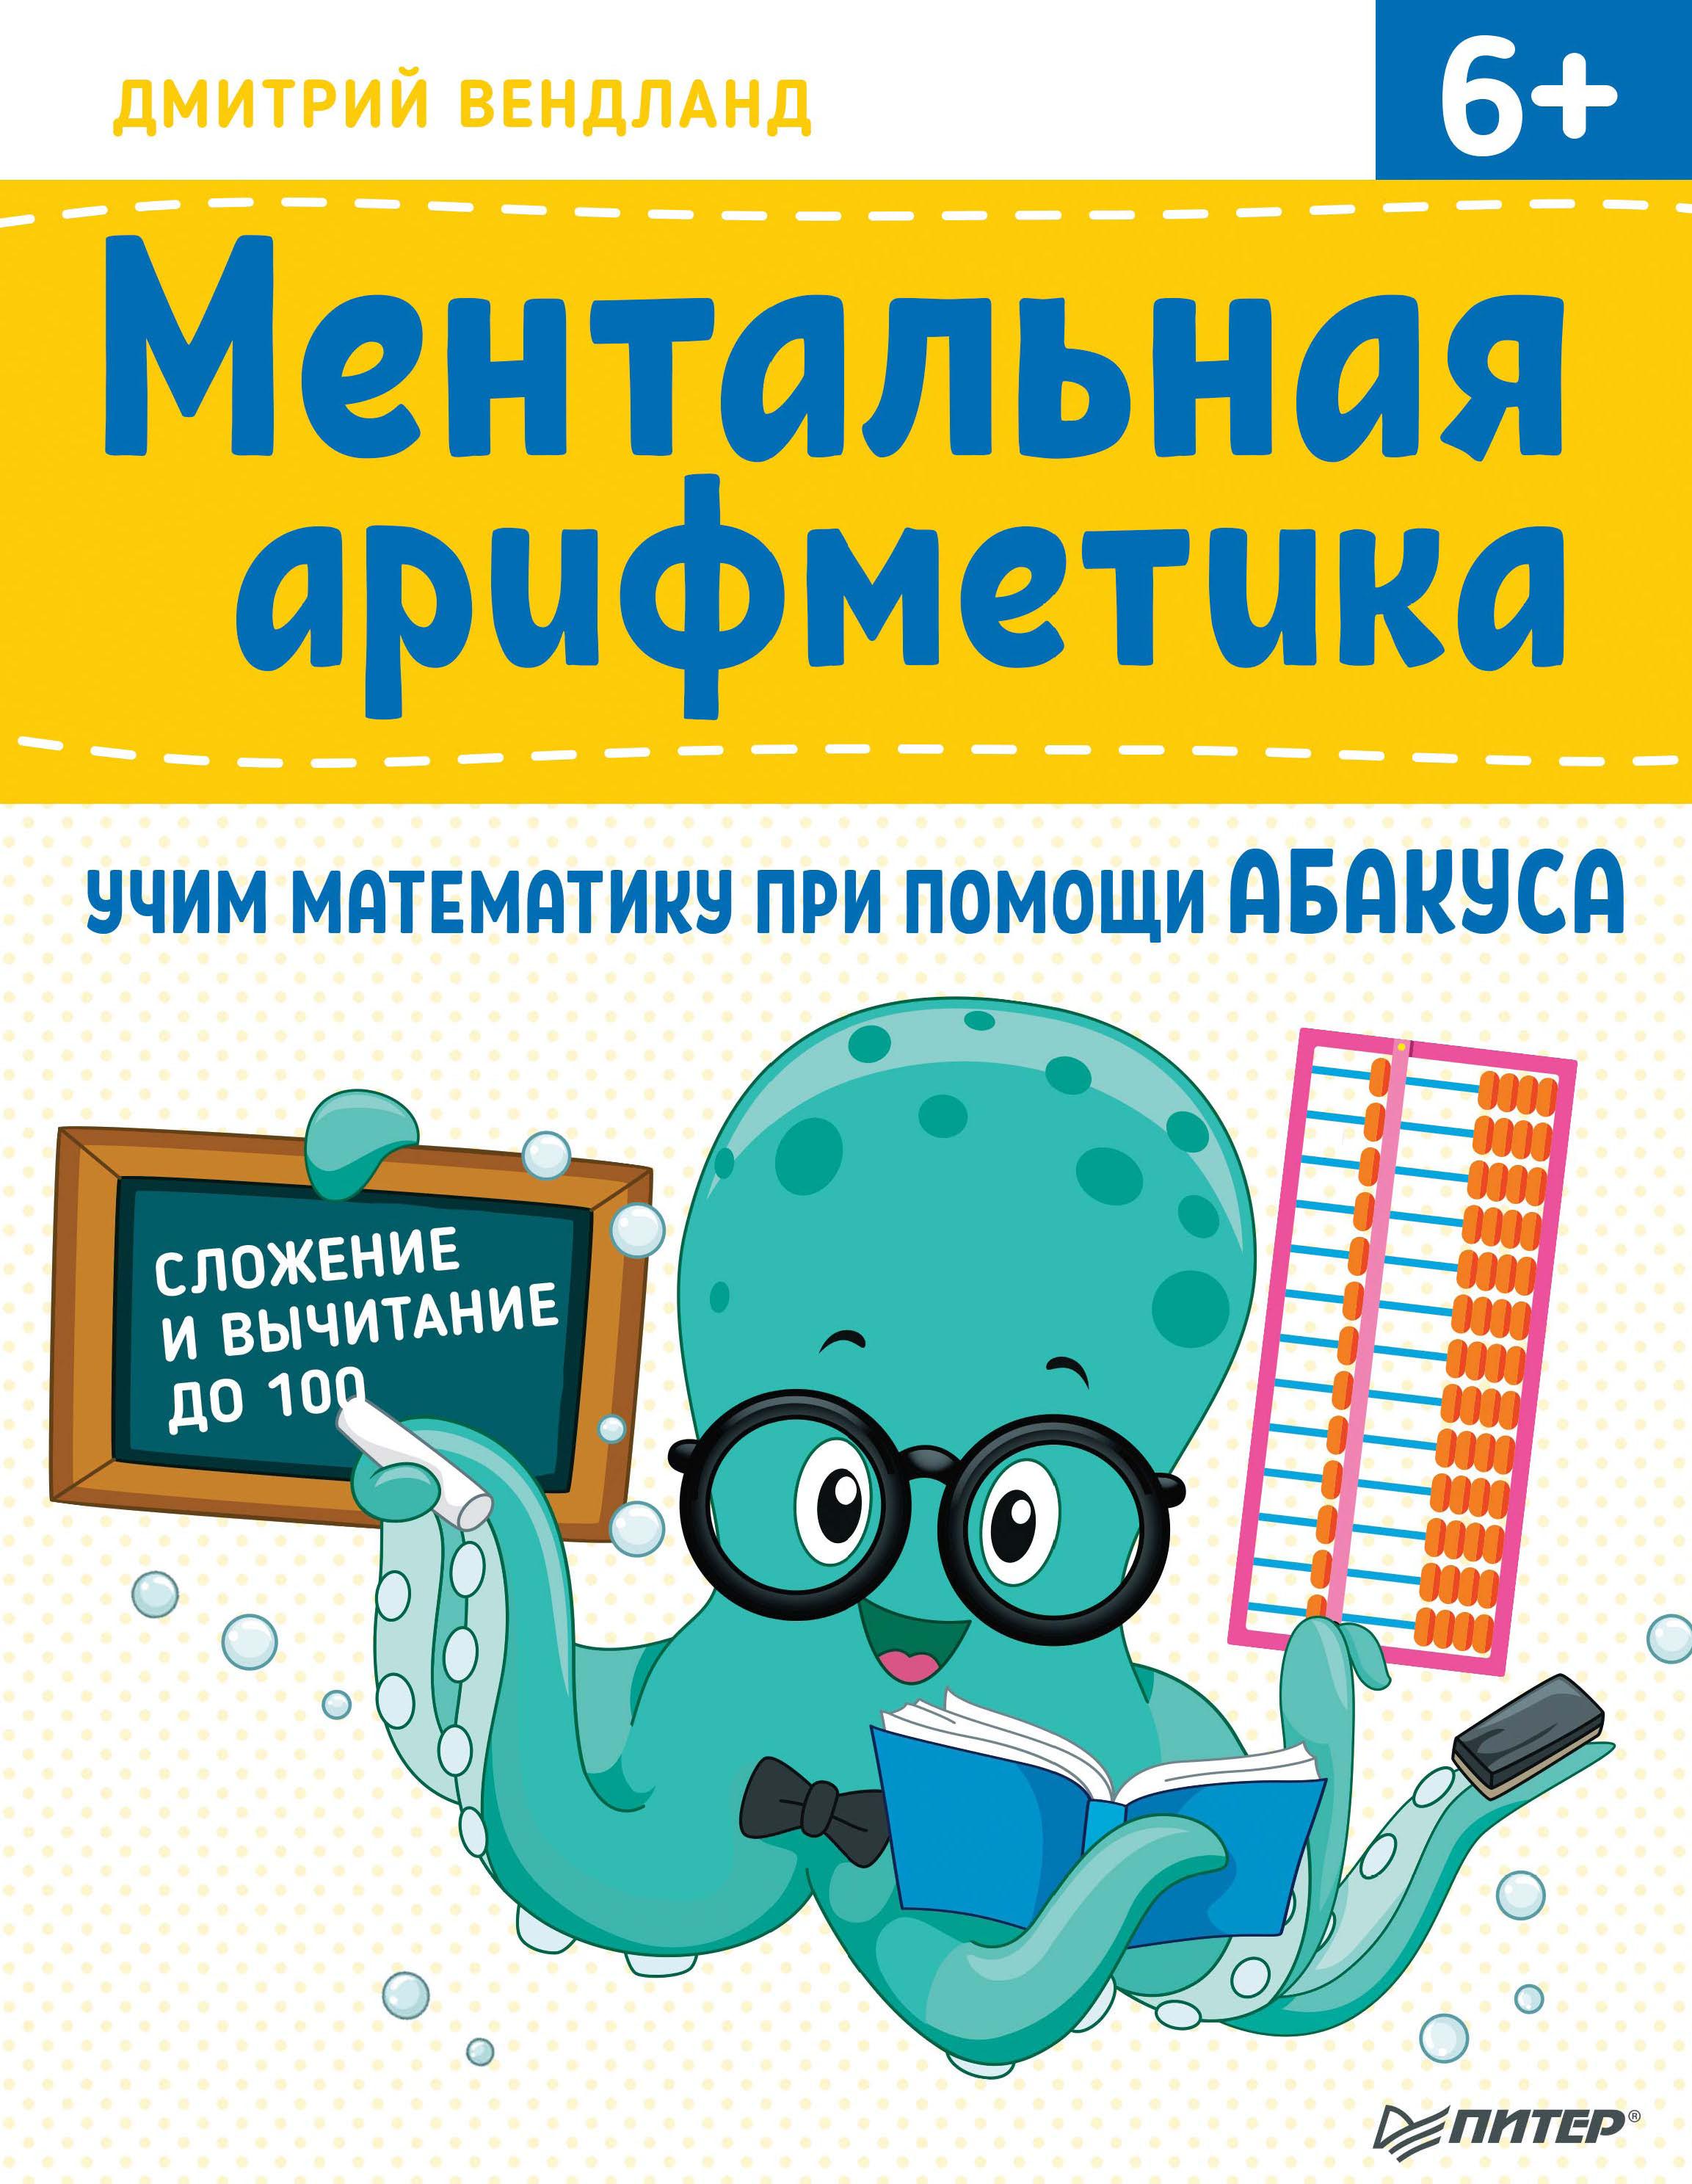 ментальная арифметика учим математику при помощи абакуса сложение и вычитание до 100 Дмитрий Вендланд Ментальная арифметика. Учим математику при помощи абакуса